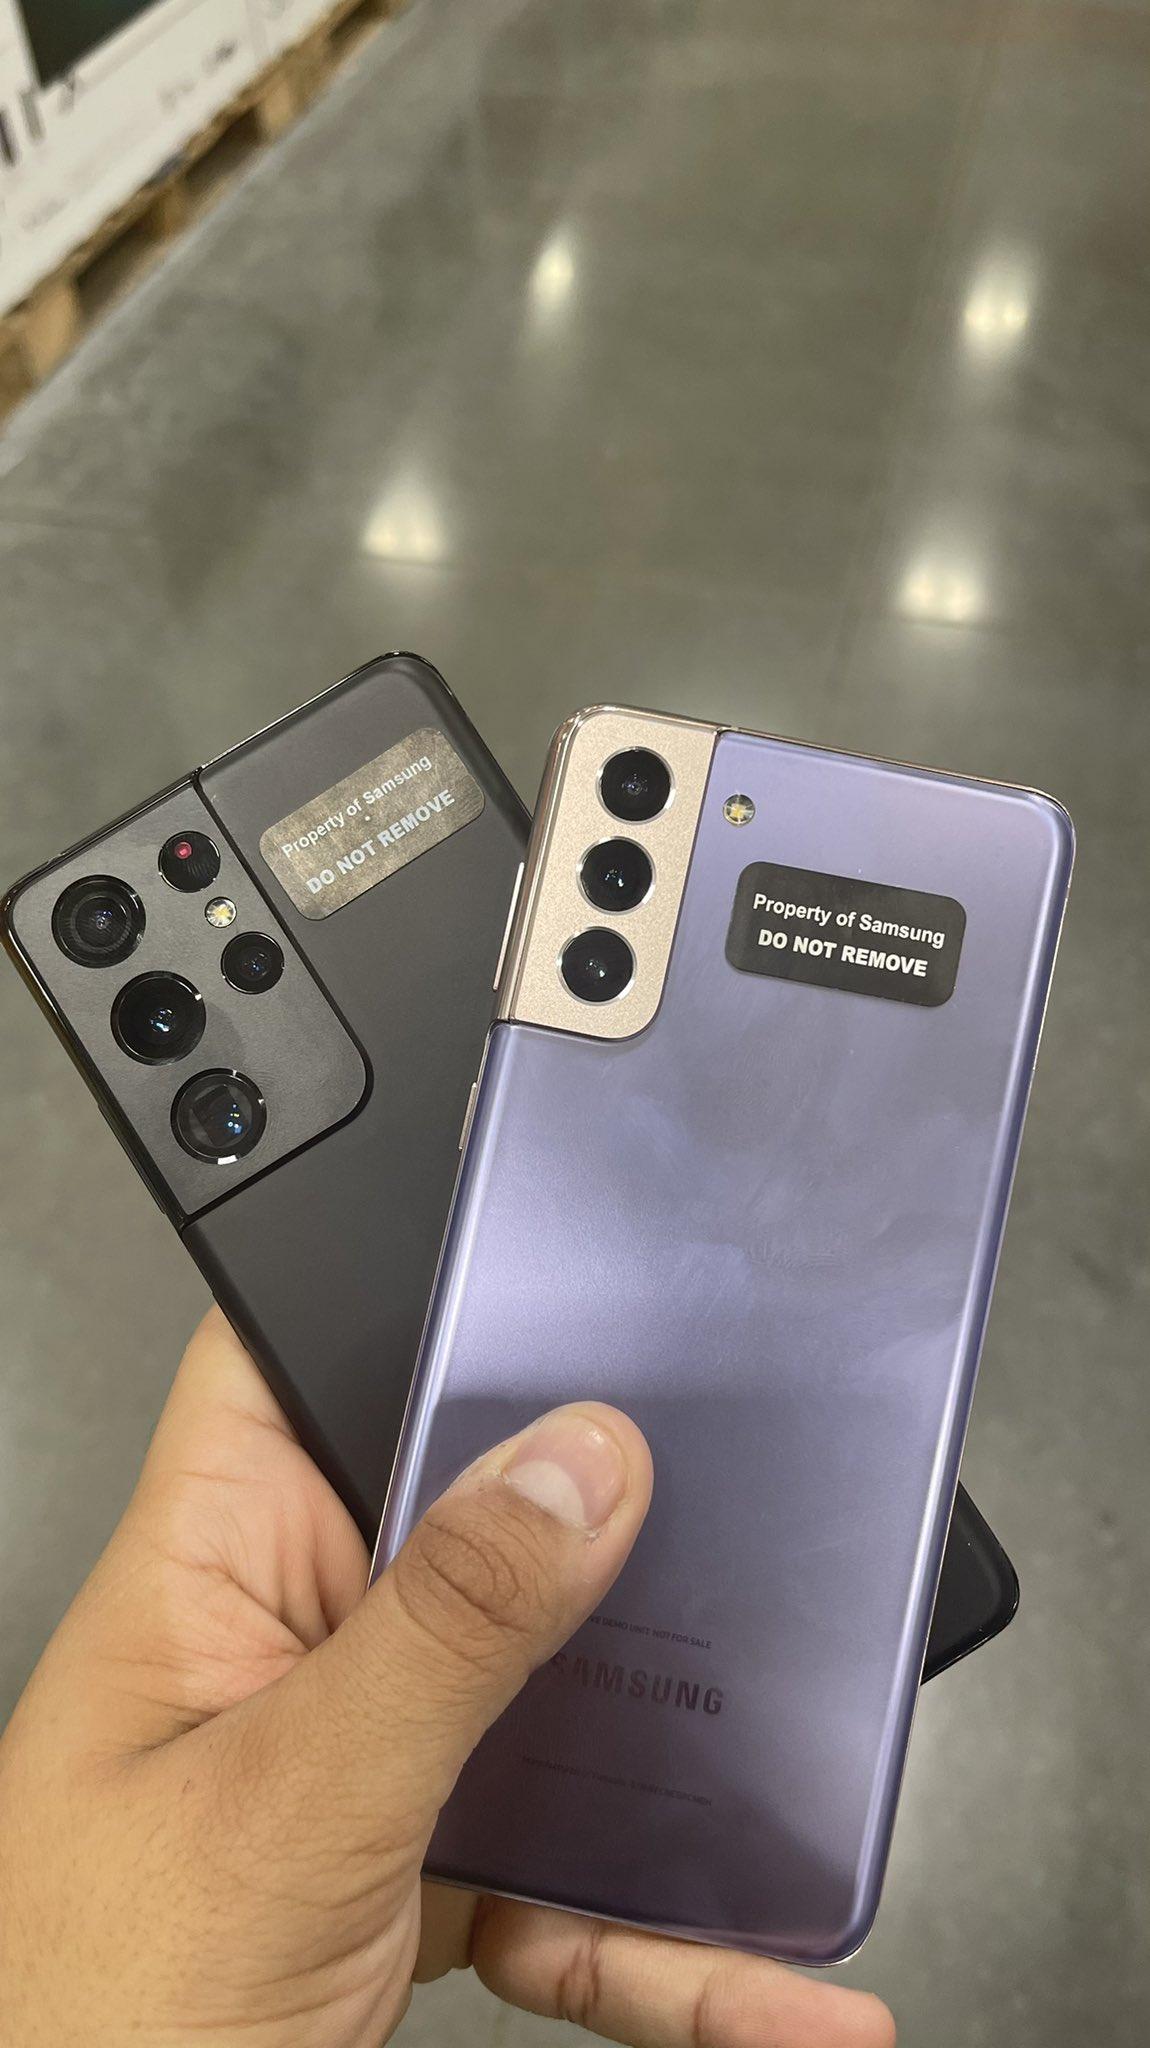 Καμαρώστε λίγο πριν την παρουσίασή τους τα νέα μοντέλα της σειράς Samsung Galaxy S21 που δεν θα δέχονται κάρτες microSD 5